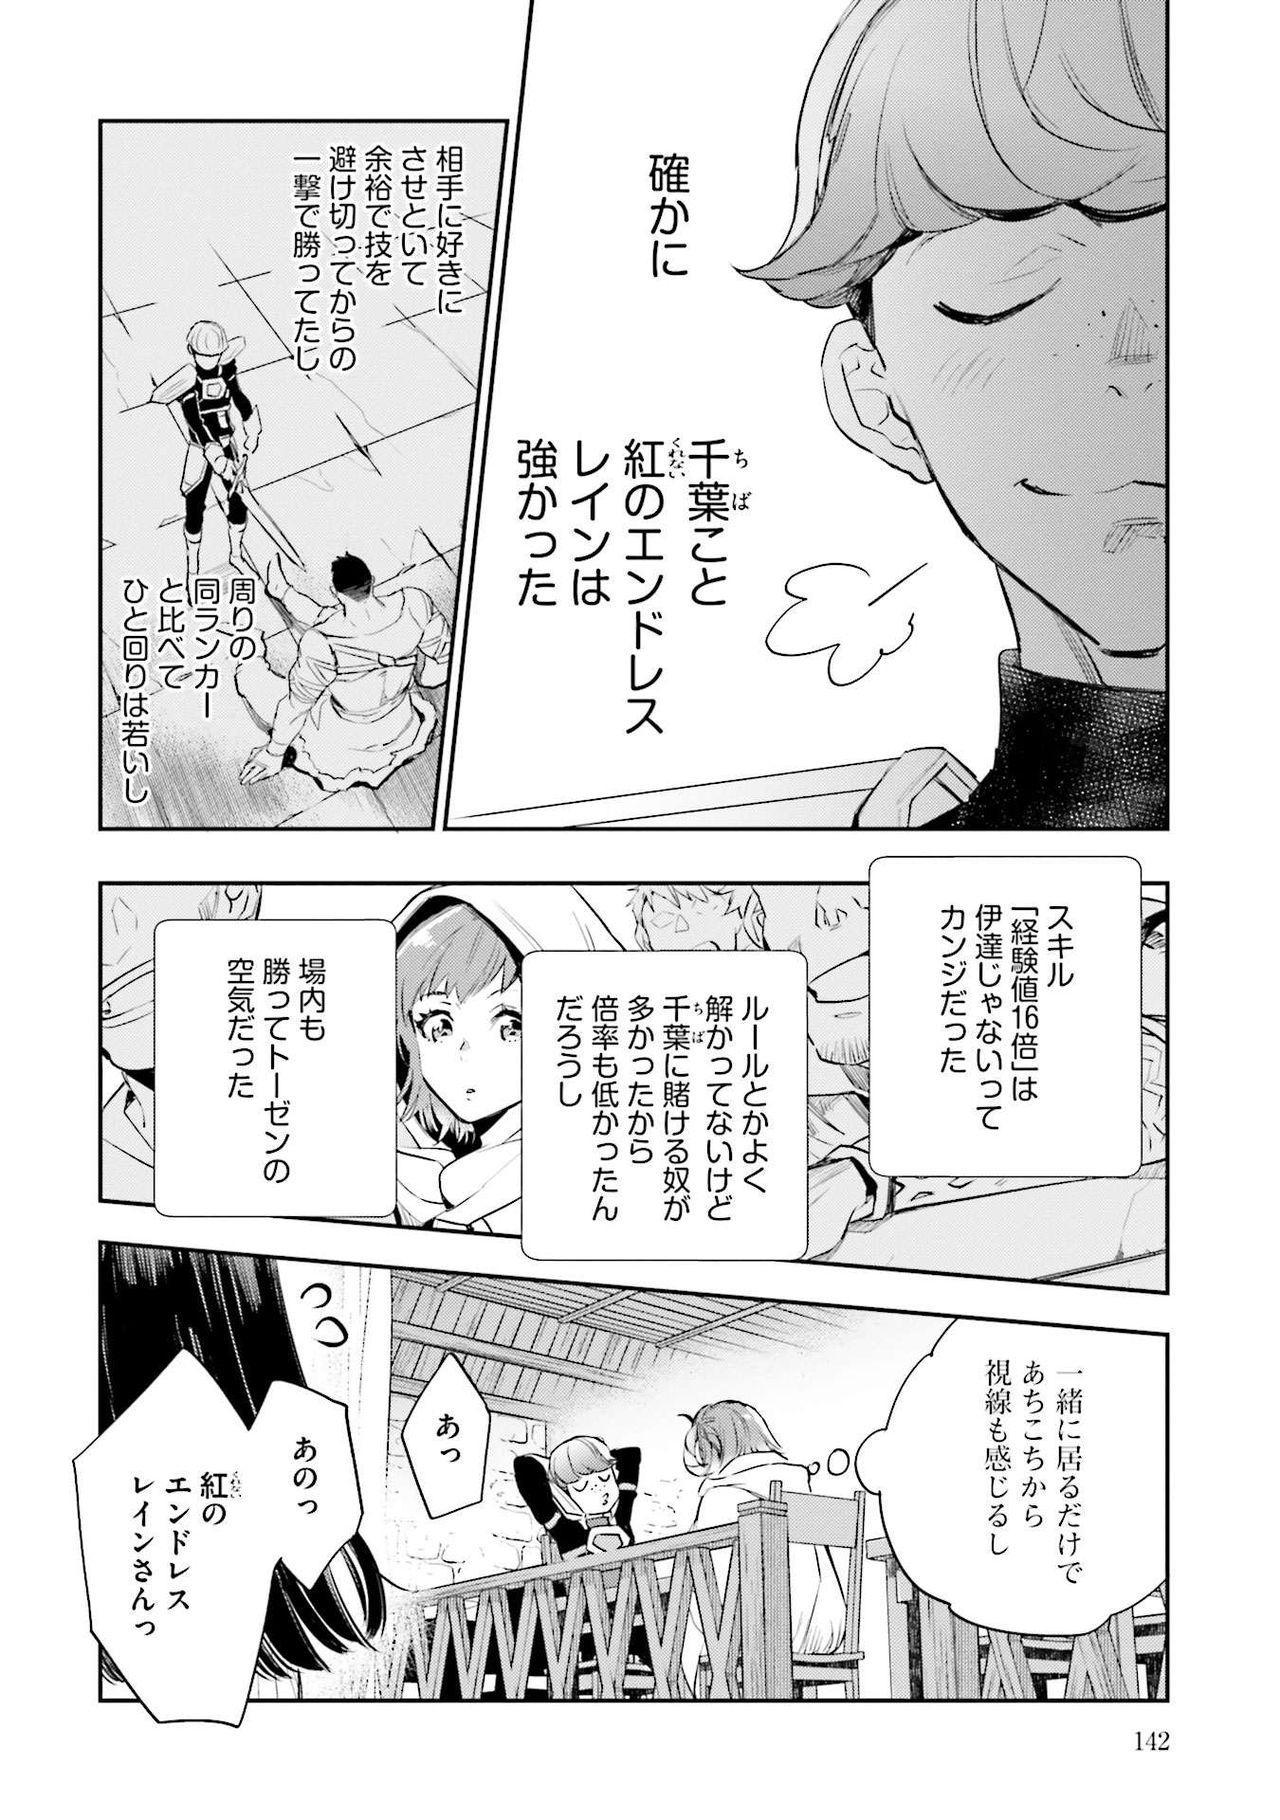 JK Haru wa Isekai de Shoufu ni Natta 1-14 143